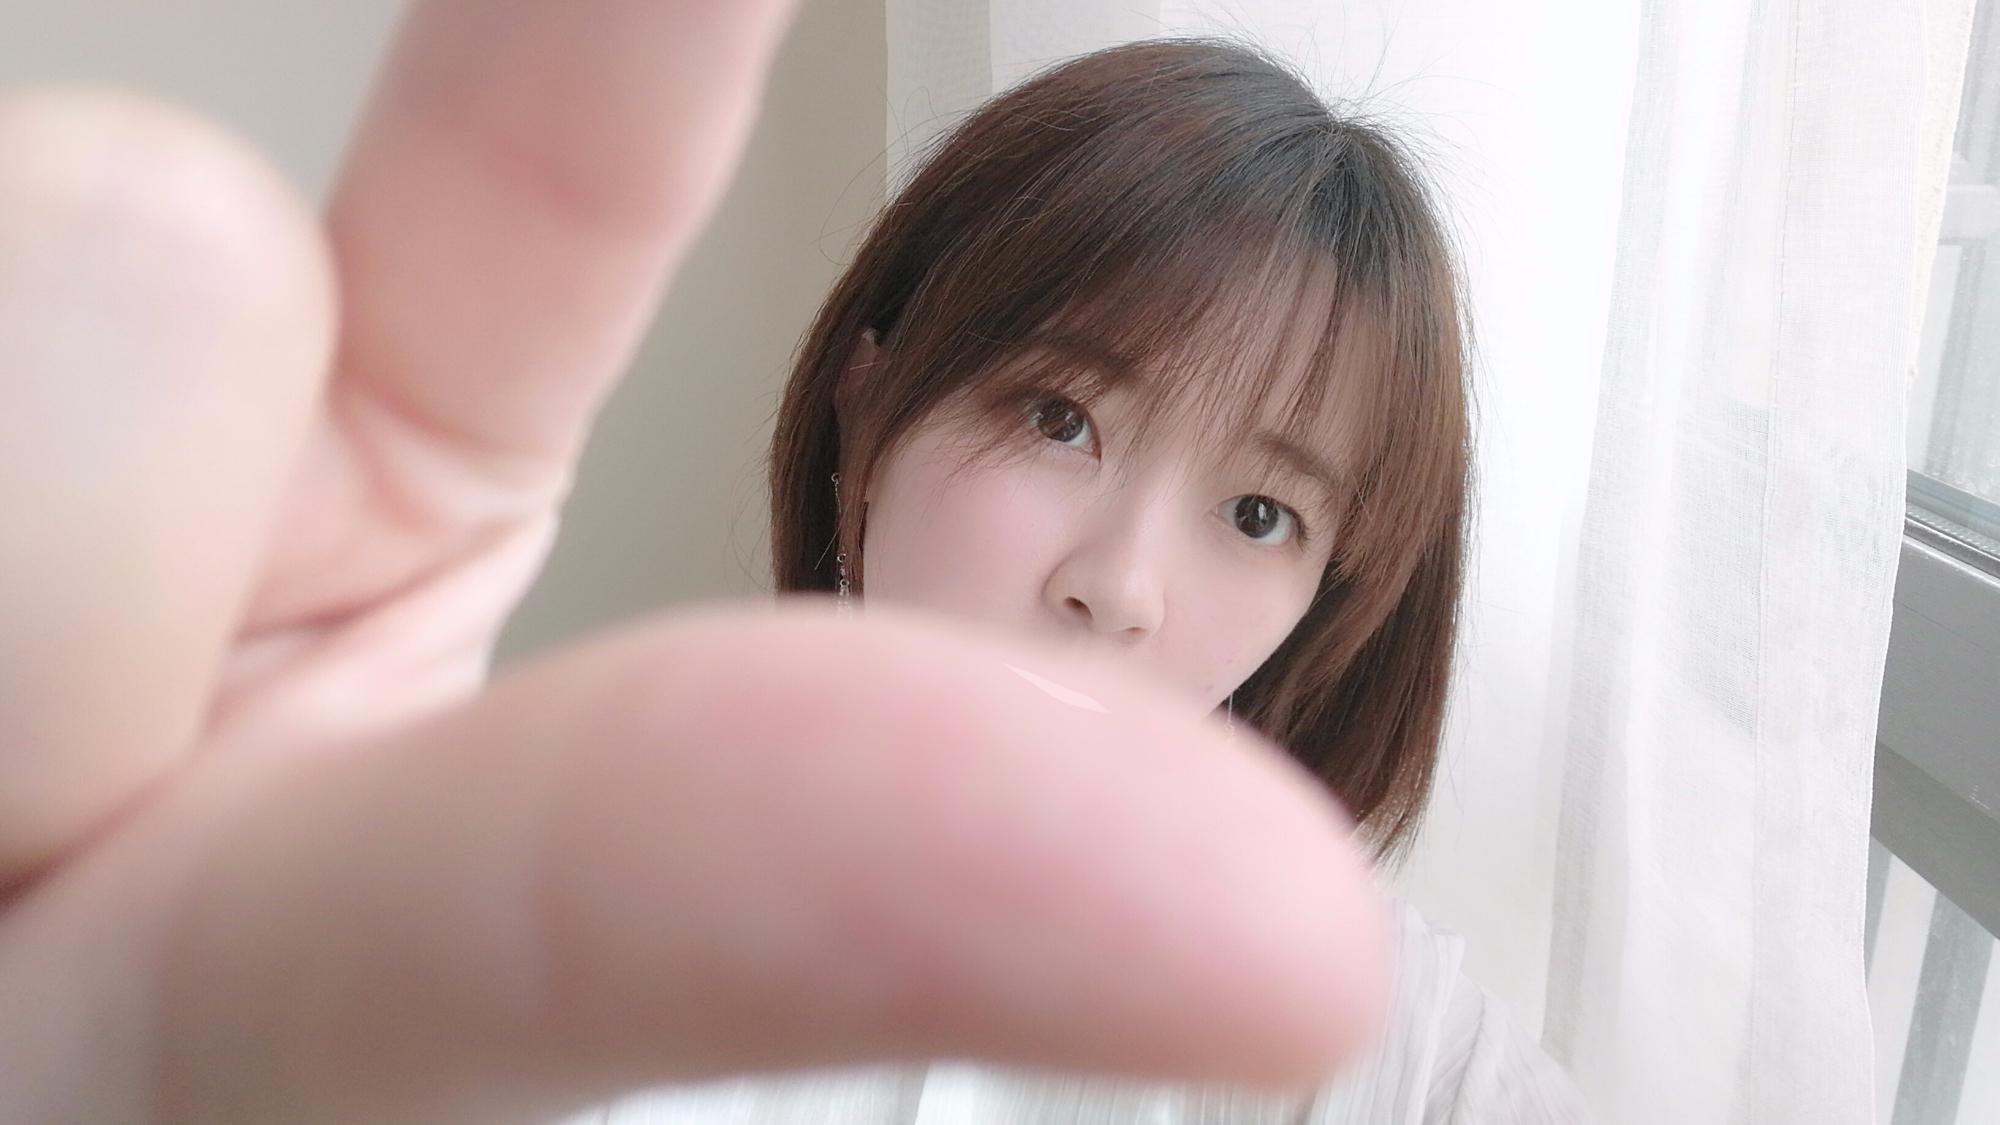 【中文助眠音】耳语读诗/手势刺激/轻微口腔音/高考应援